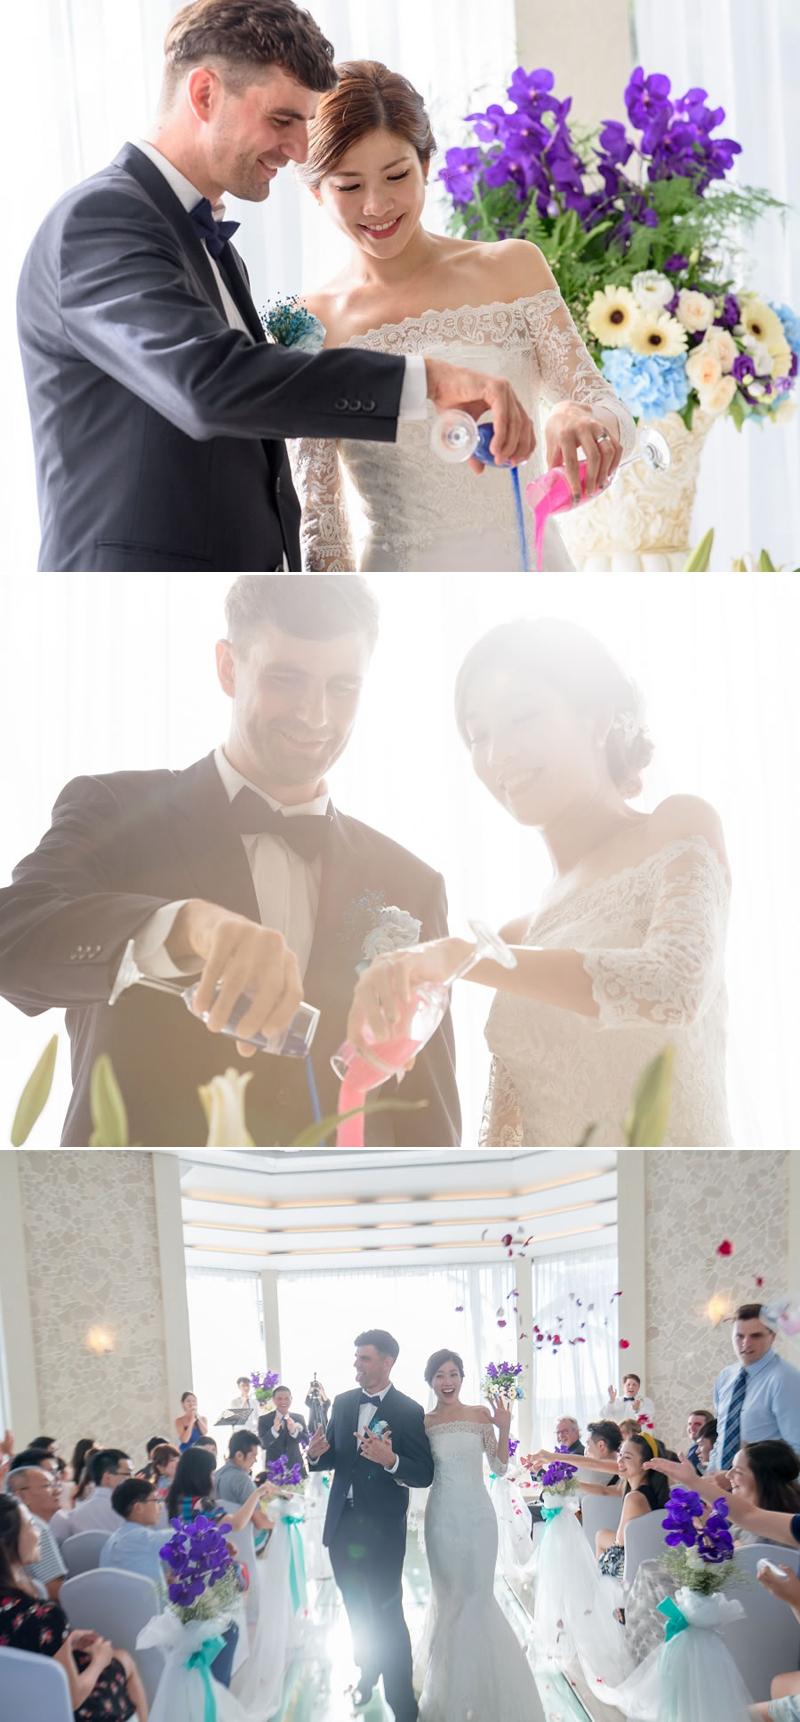 攝影師專訪|西子灣 海洋風 美式婚禮 戶外婚禮 - 婚攝 Roger Wu, Maggie & Jon 06